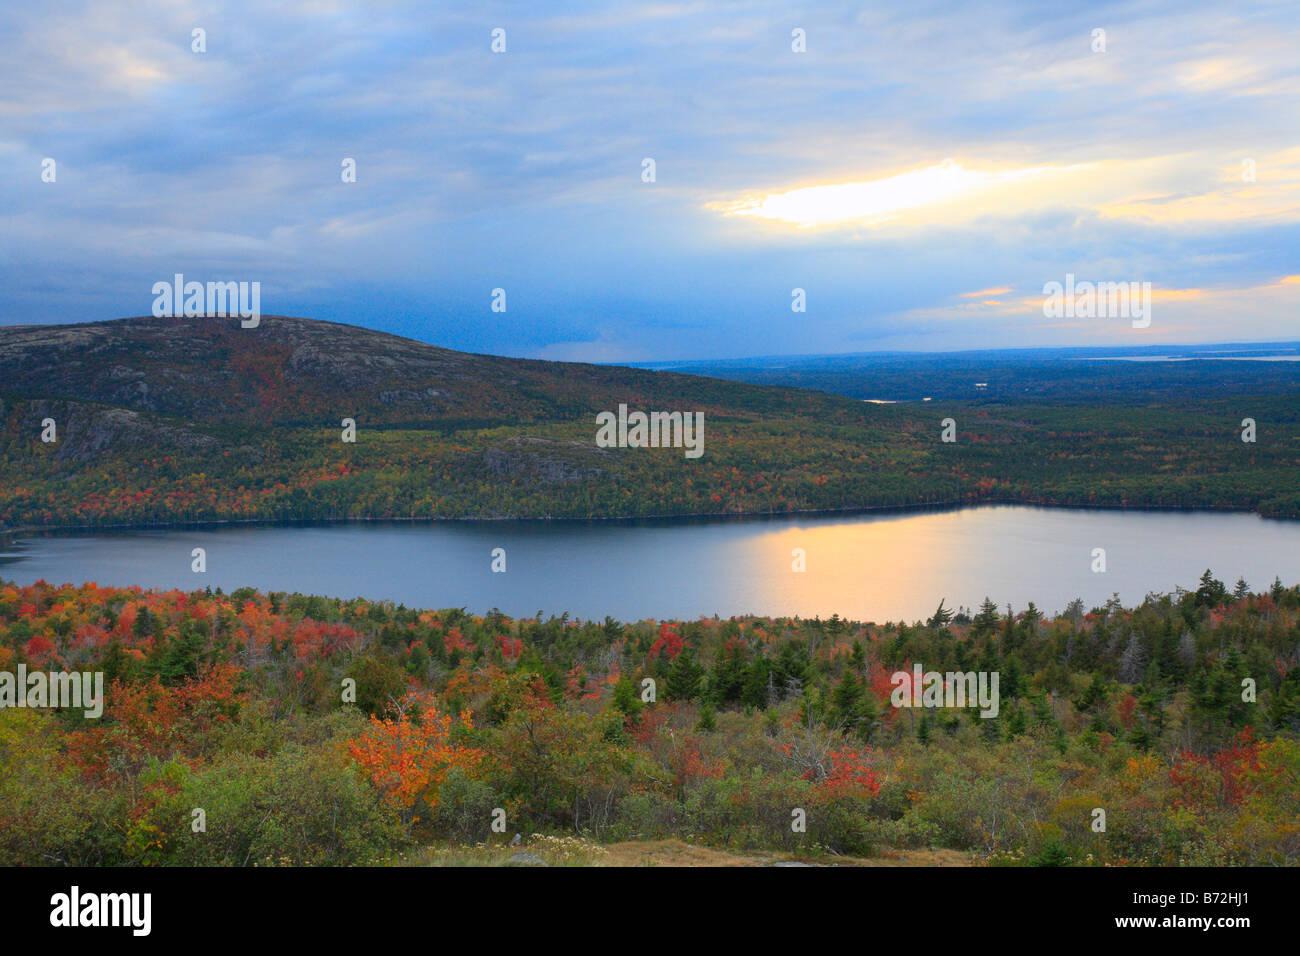 Sunset over Eagle Lake, Cadillac Mountain Trail, Cadillac Mountain